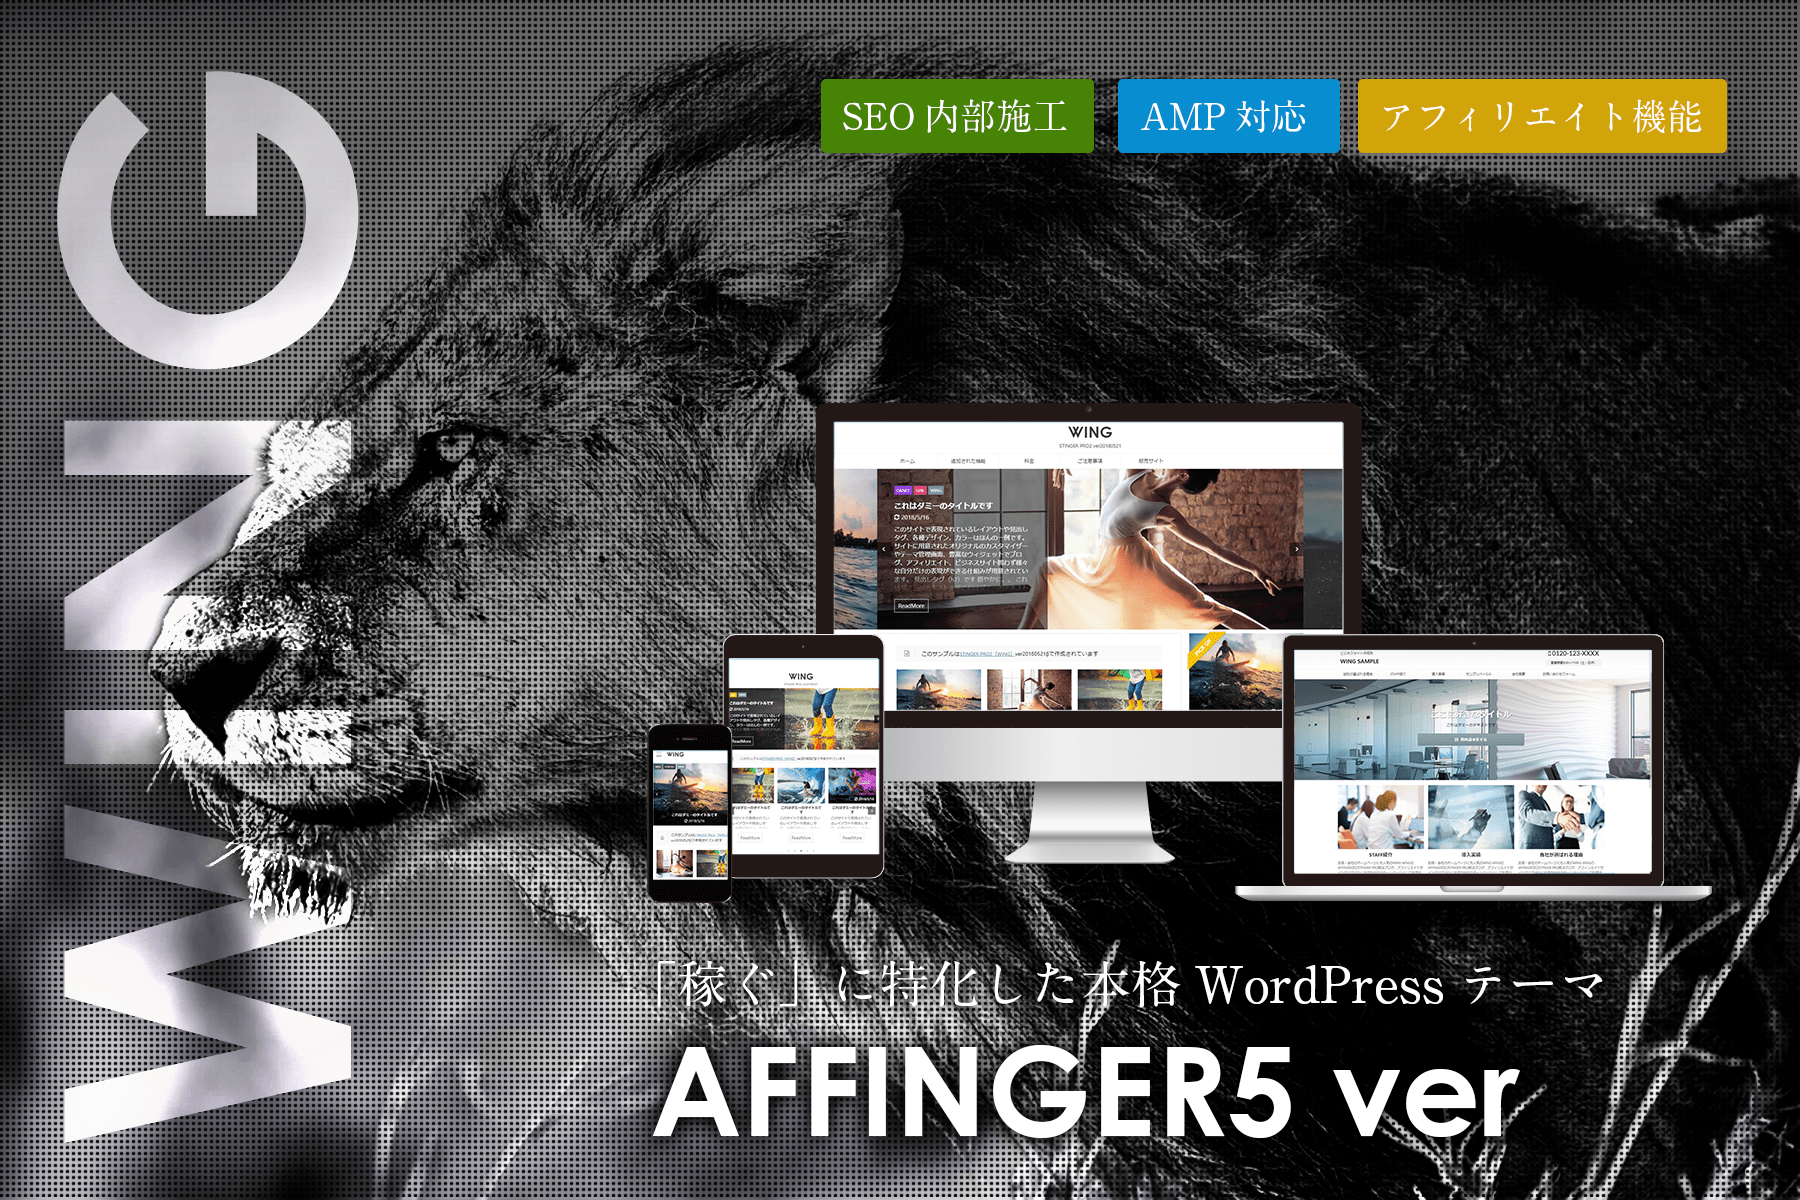 WING Affinger5番